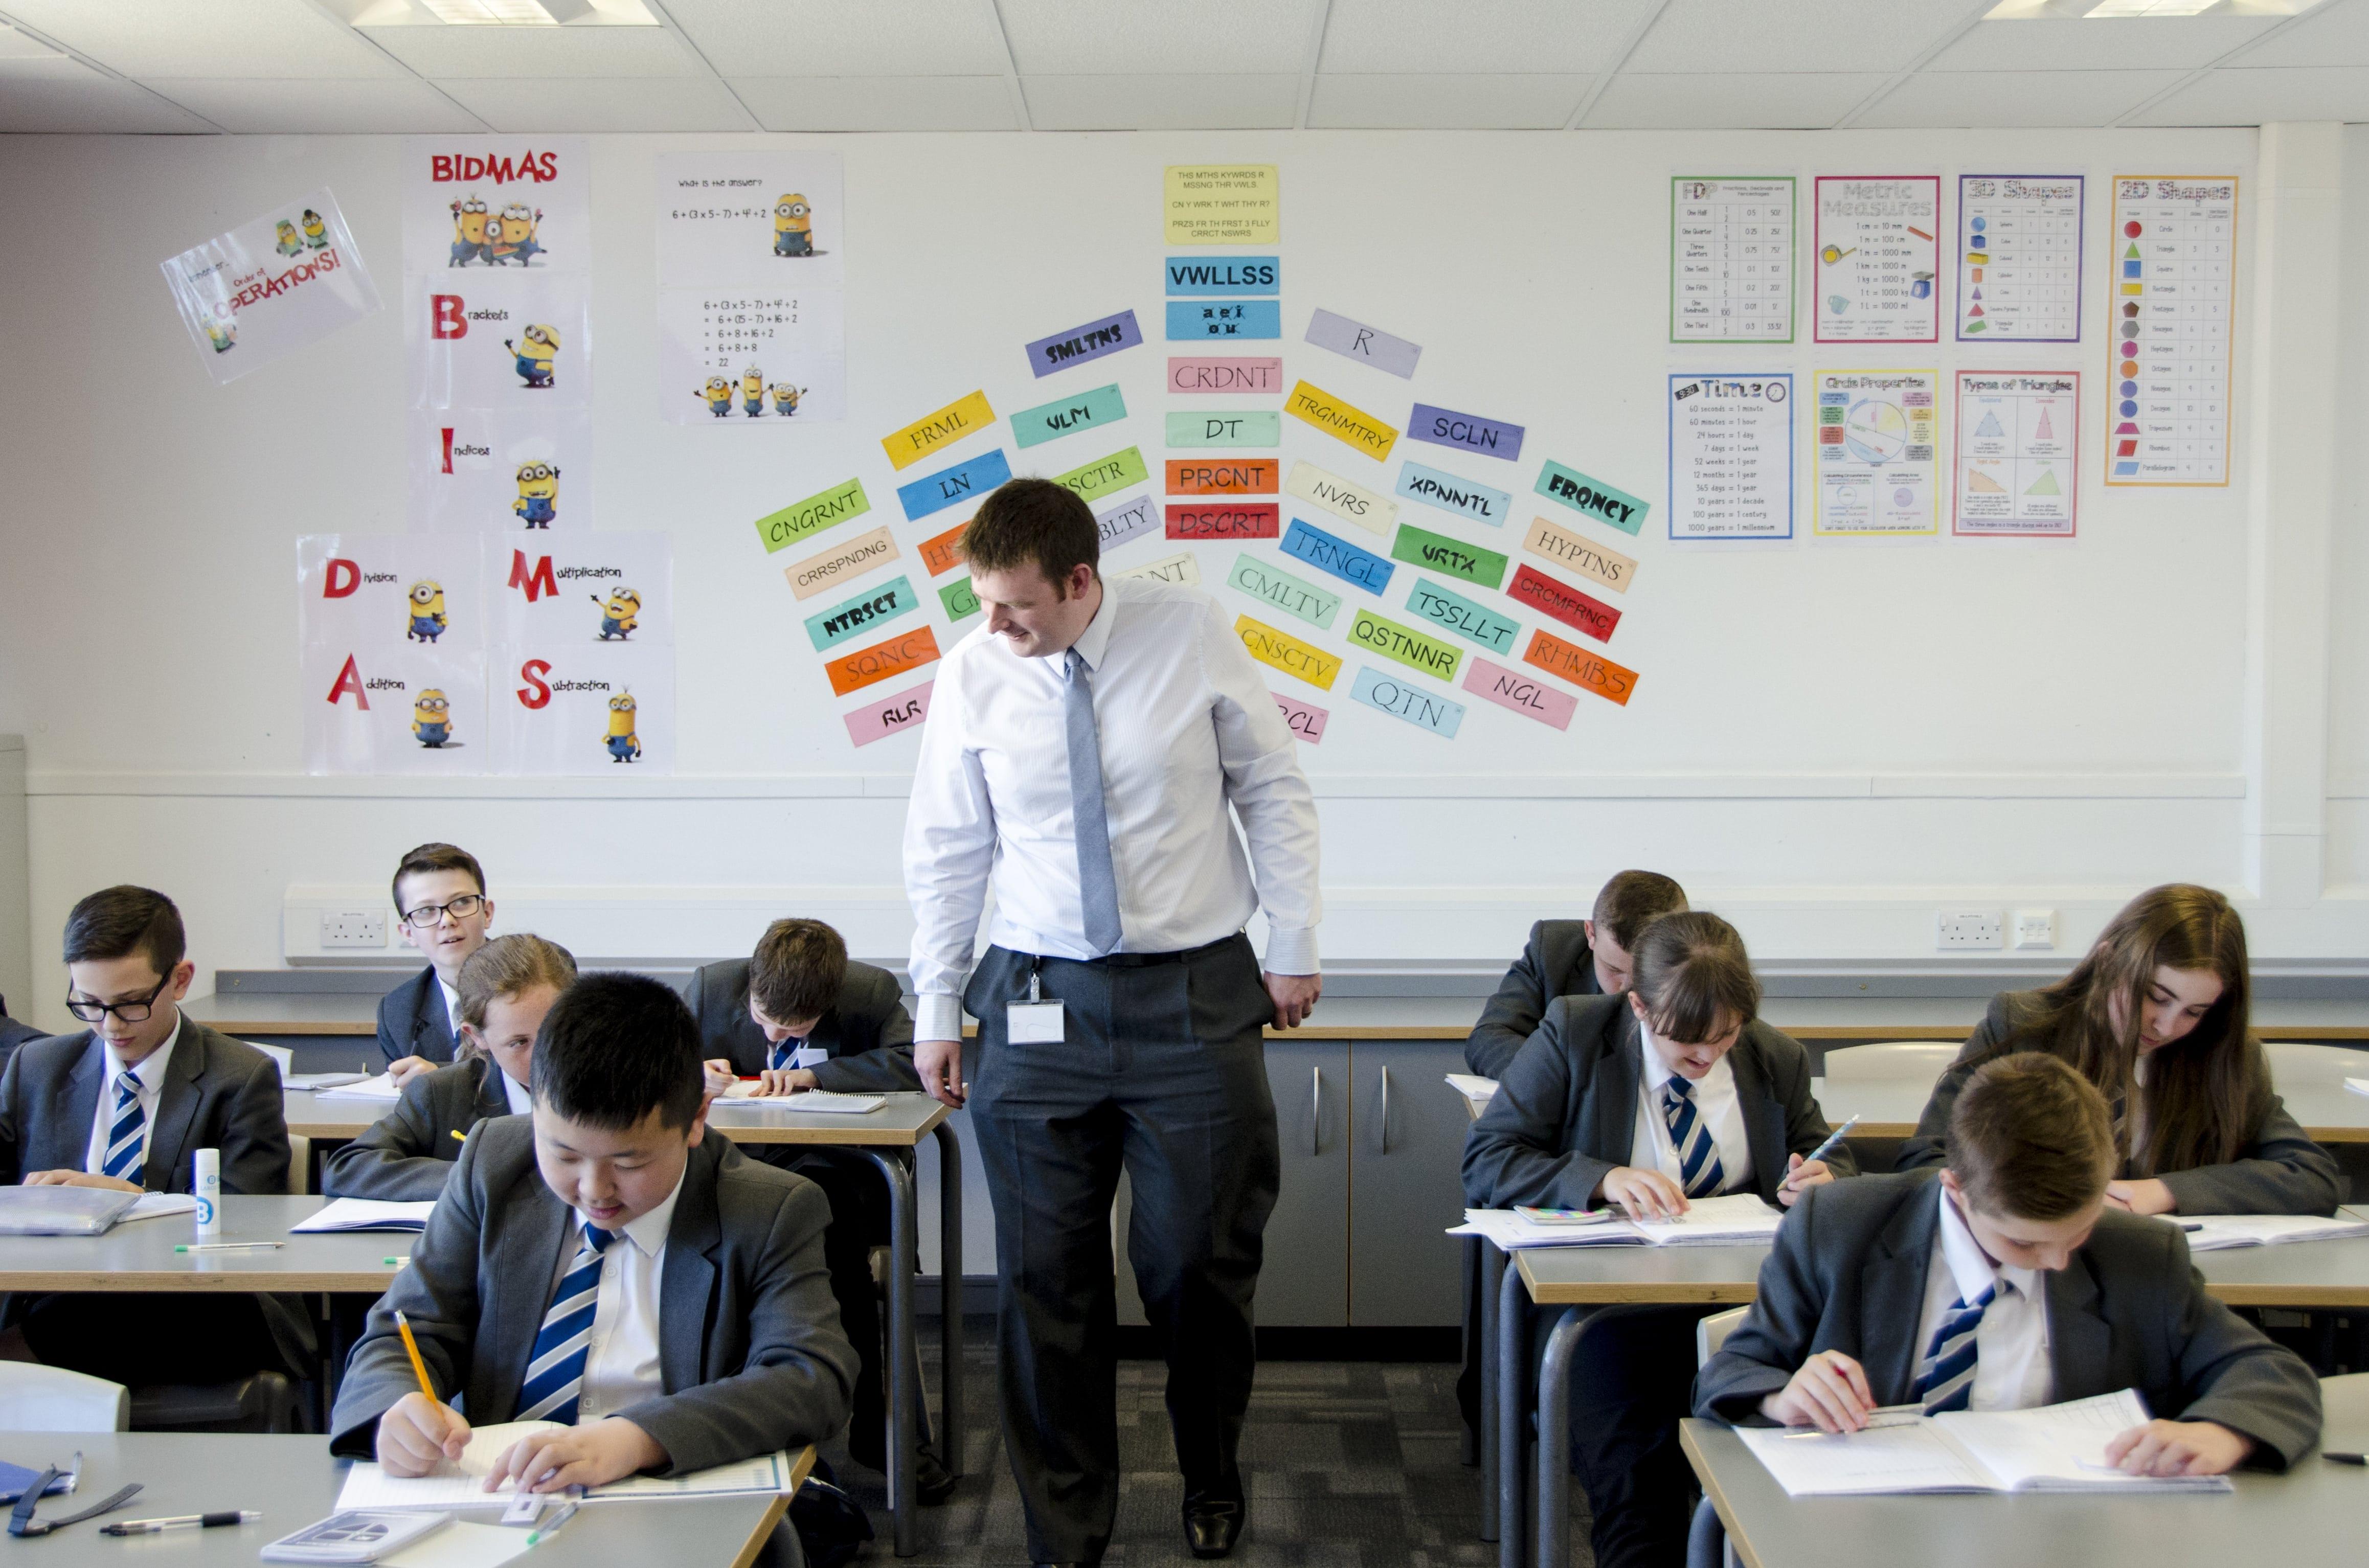 School teacher looking over pupils' work during class